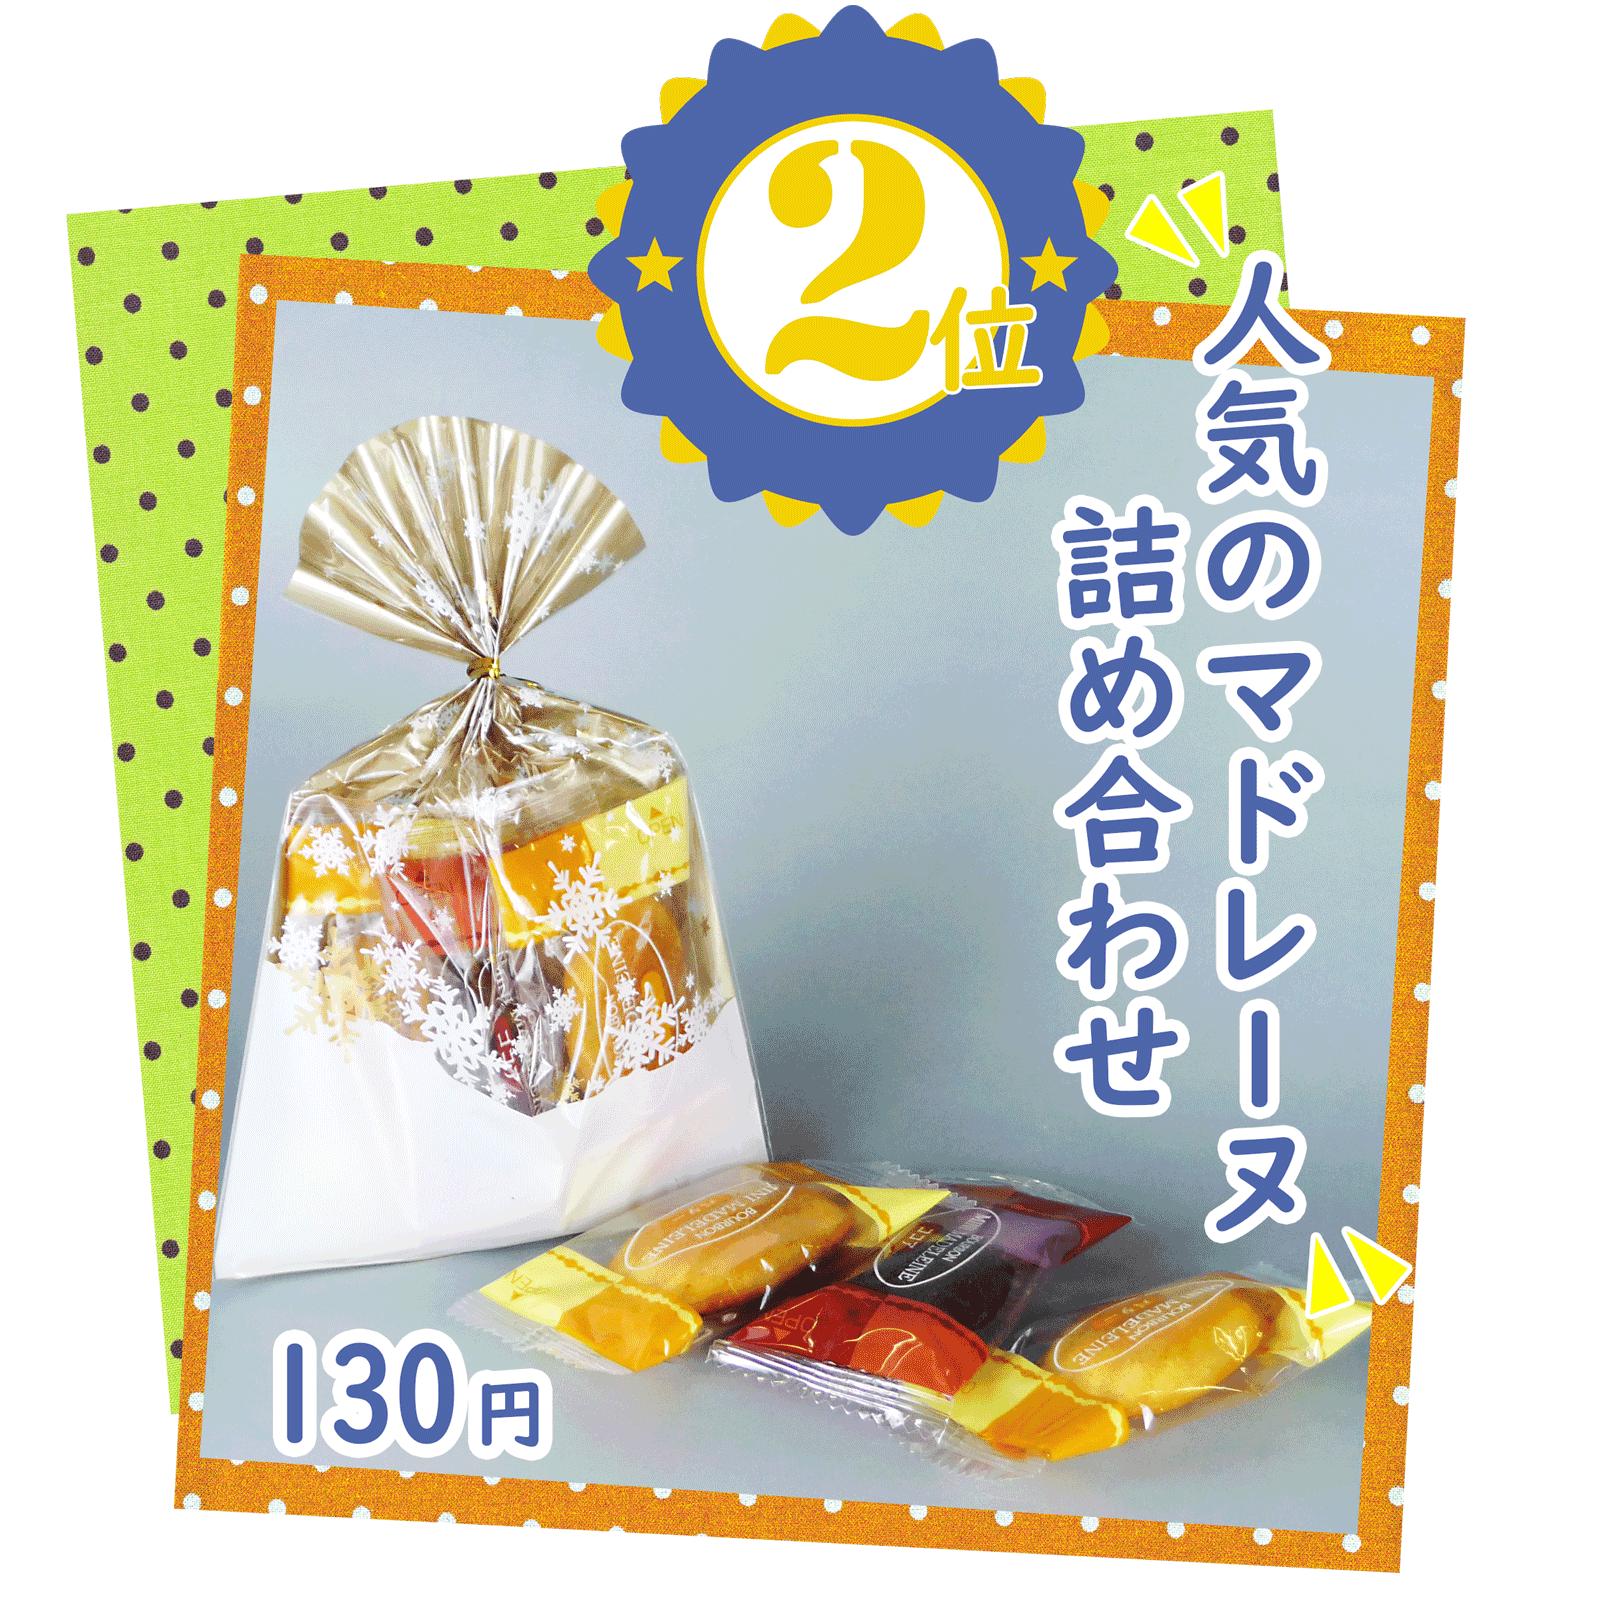 クリスマスハロウィンお菓子販促用2番人気